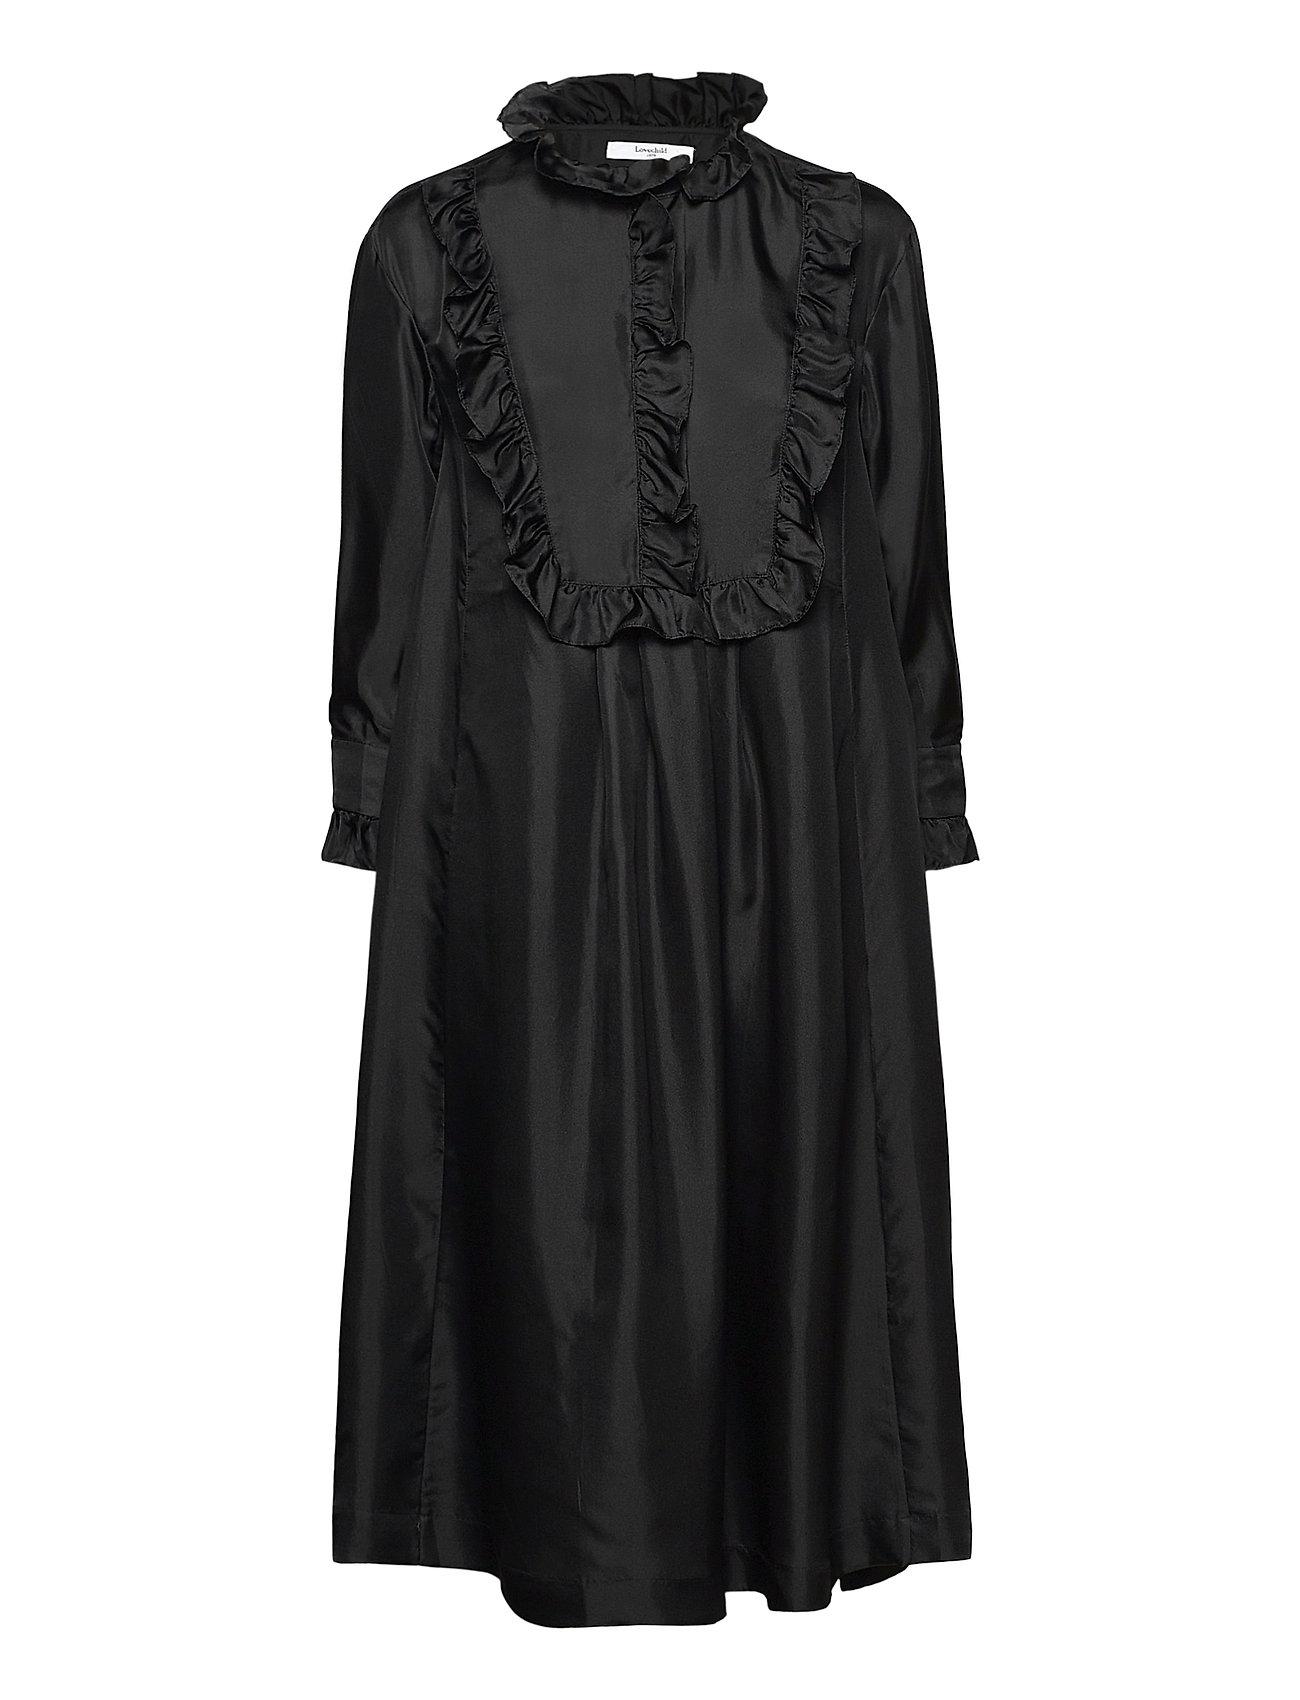 Image of Ivy Dress Knælang Kjole Sort Lovechild 1979 (3479360001)